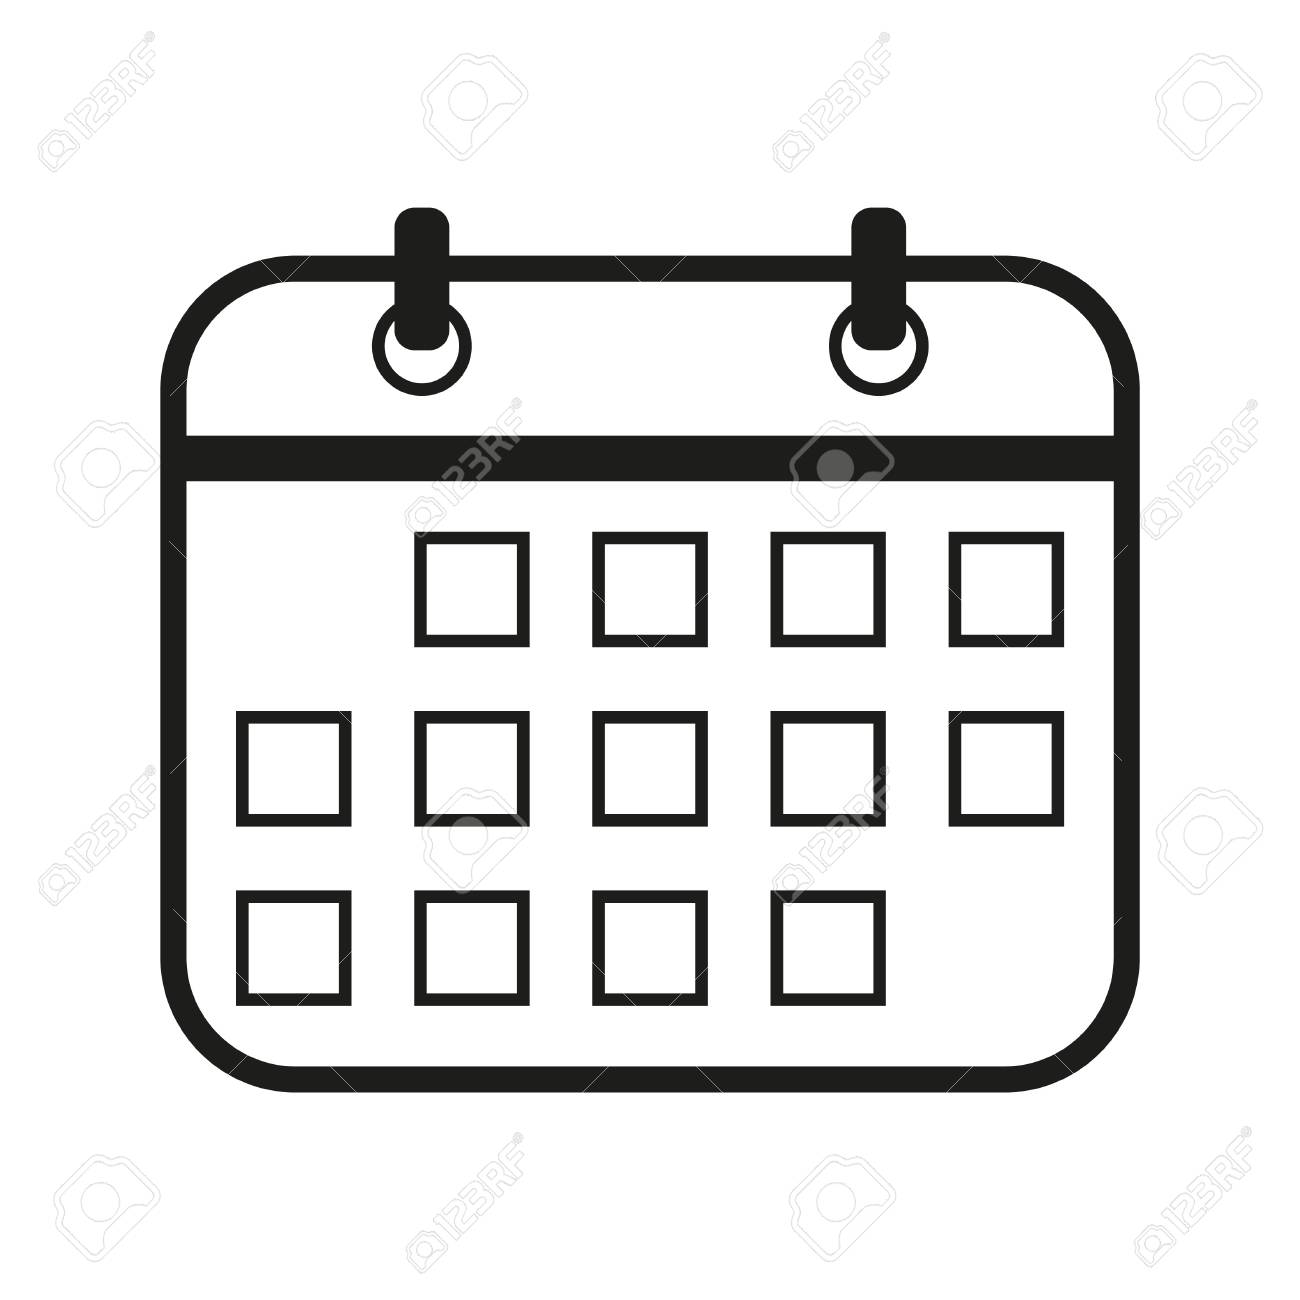 Calendario Vector Blanco.Calendar Sign Illustration Vector Black Icon On White Background